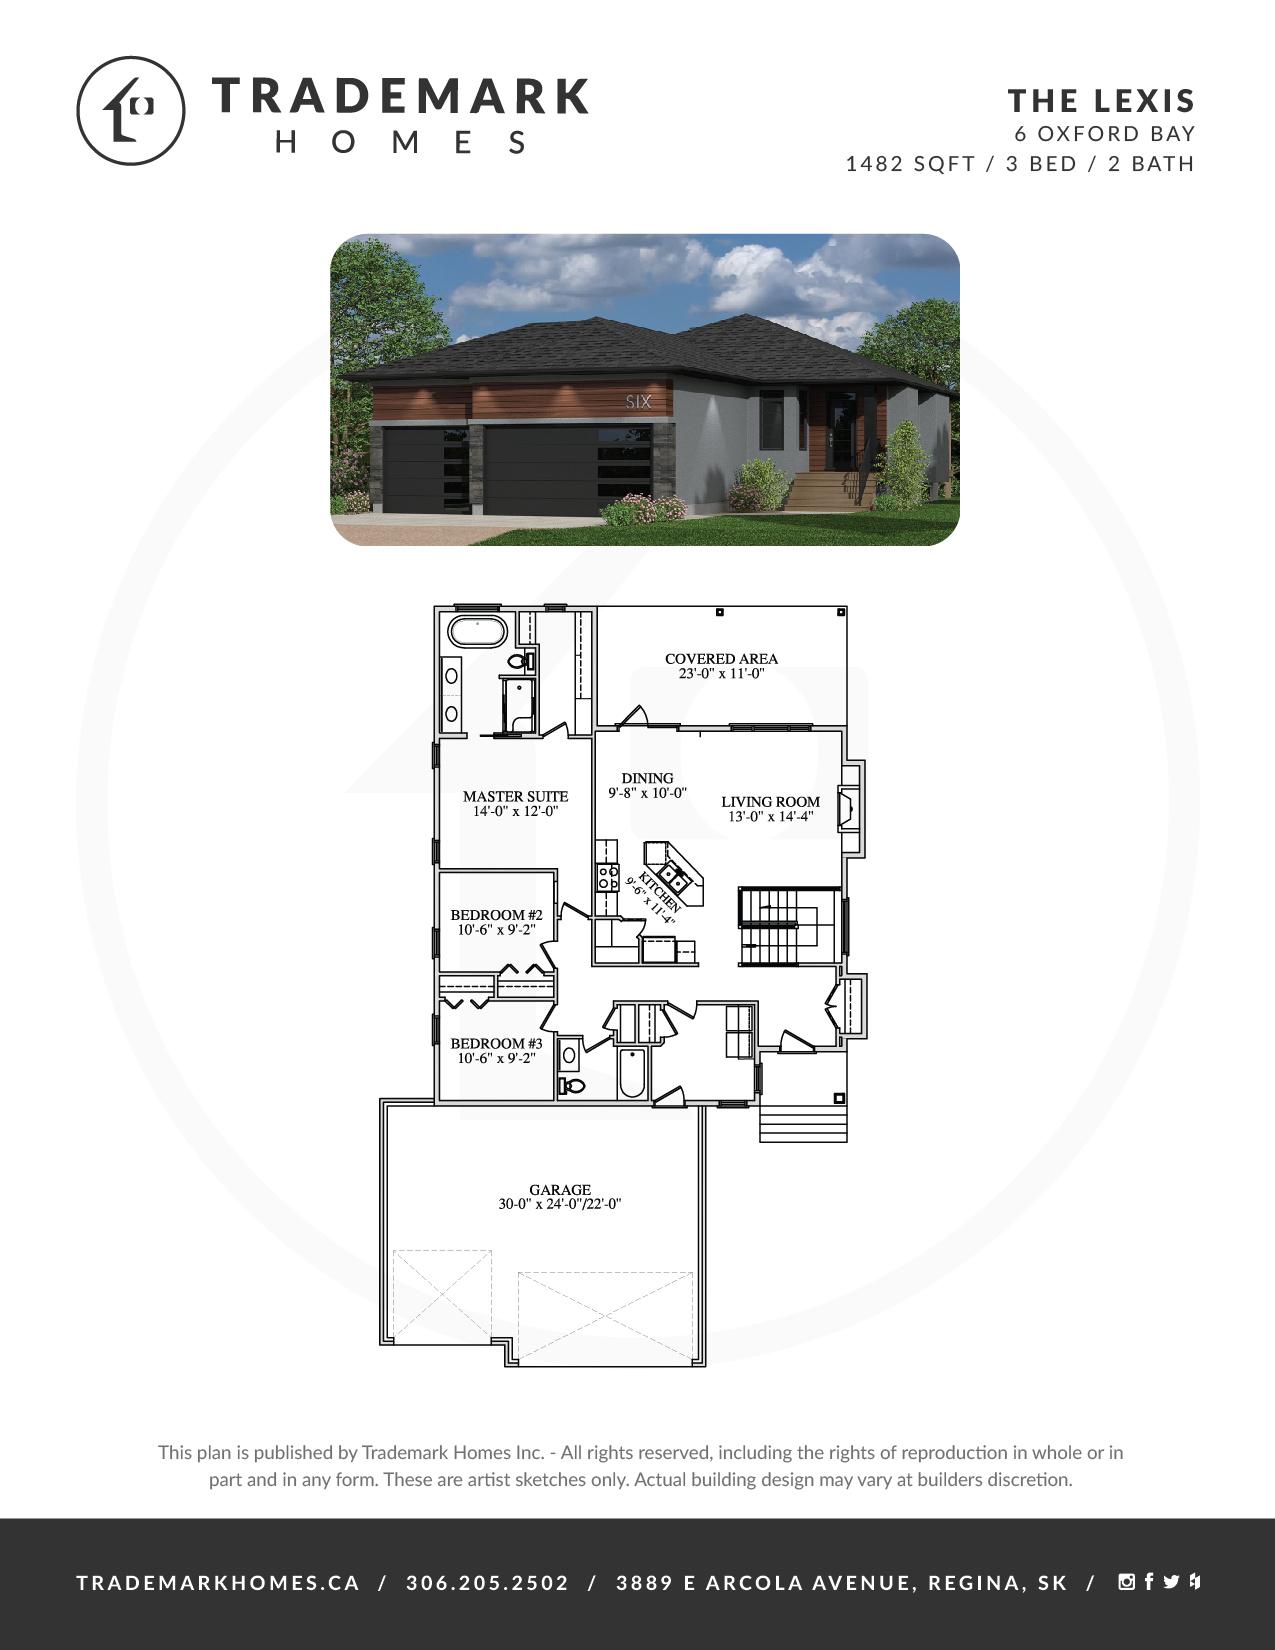 The Lexis - Floorplan - Oxford Bay - White City